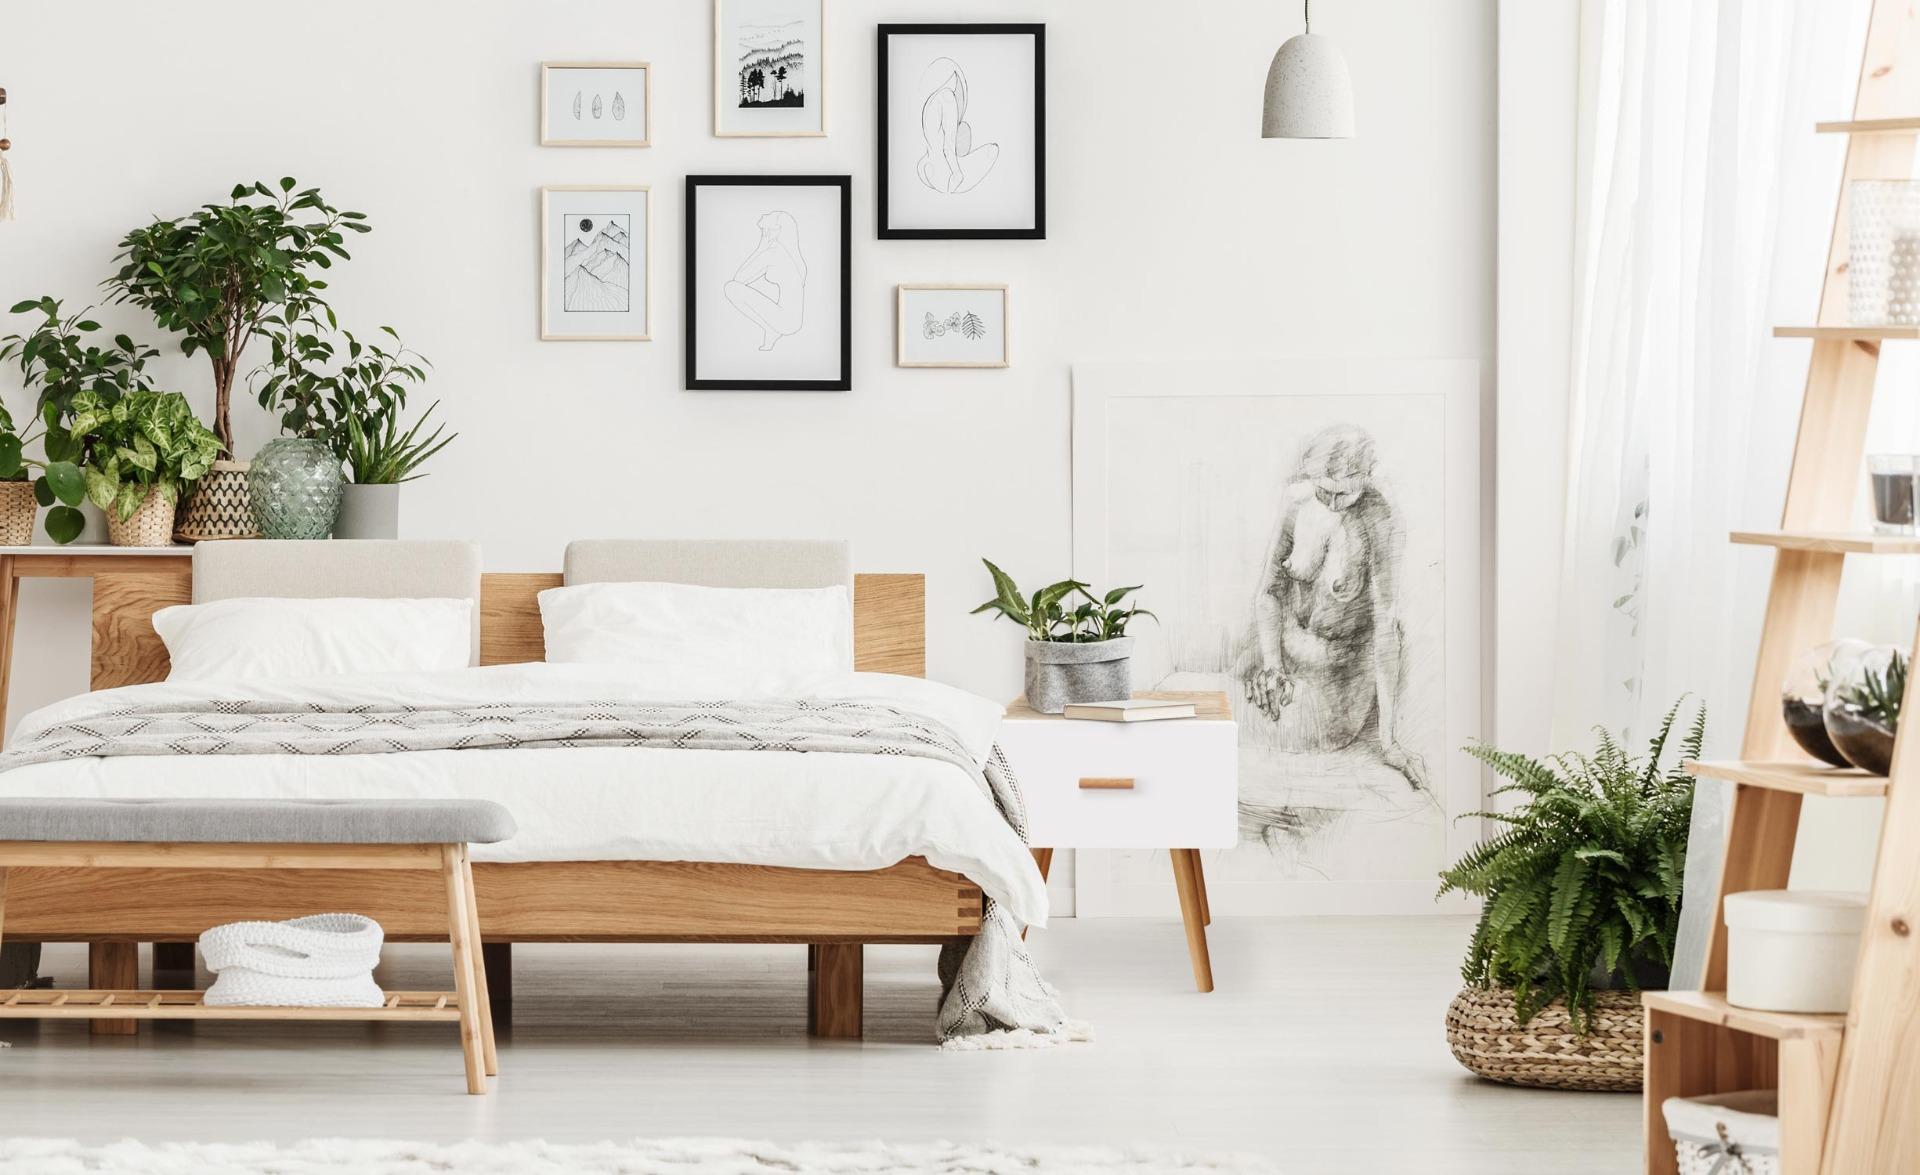 Amanda Scandinavisch nachtkastje met 1 lade, licht eiken en wit